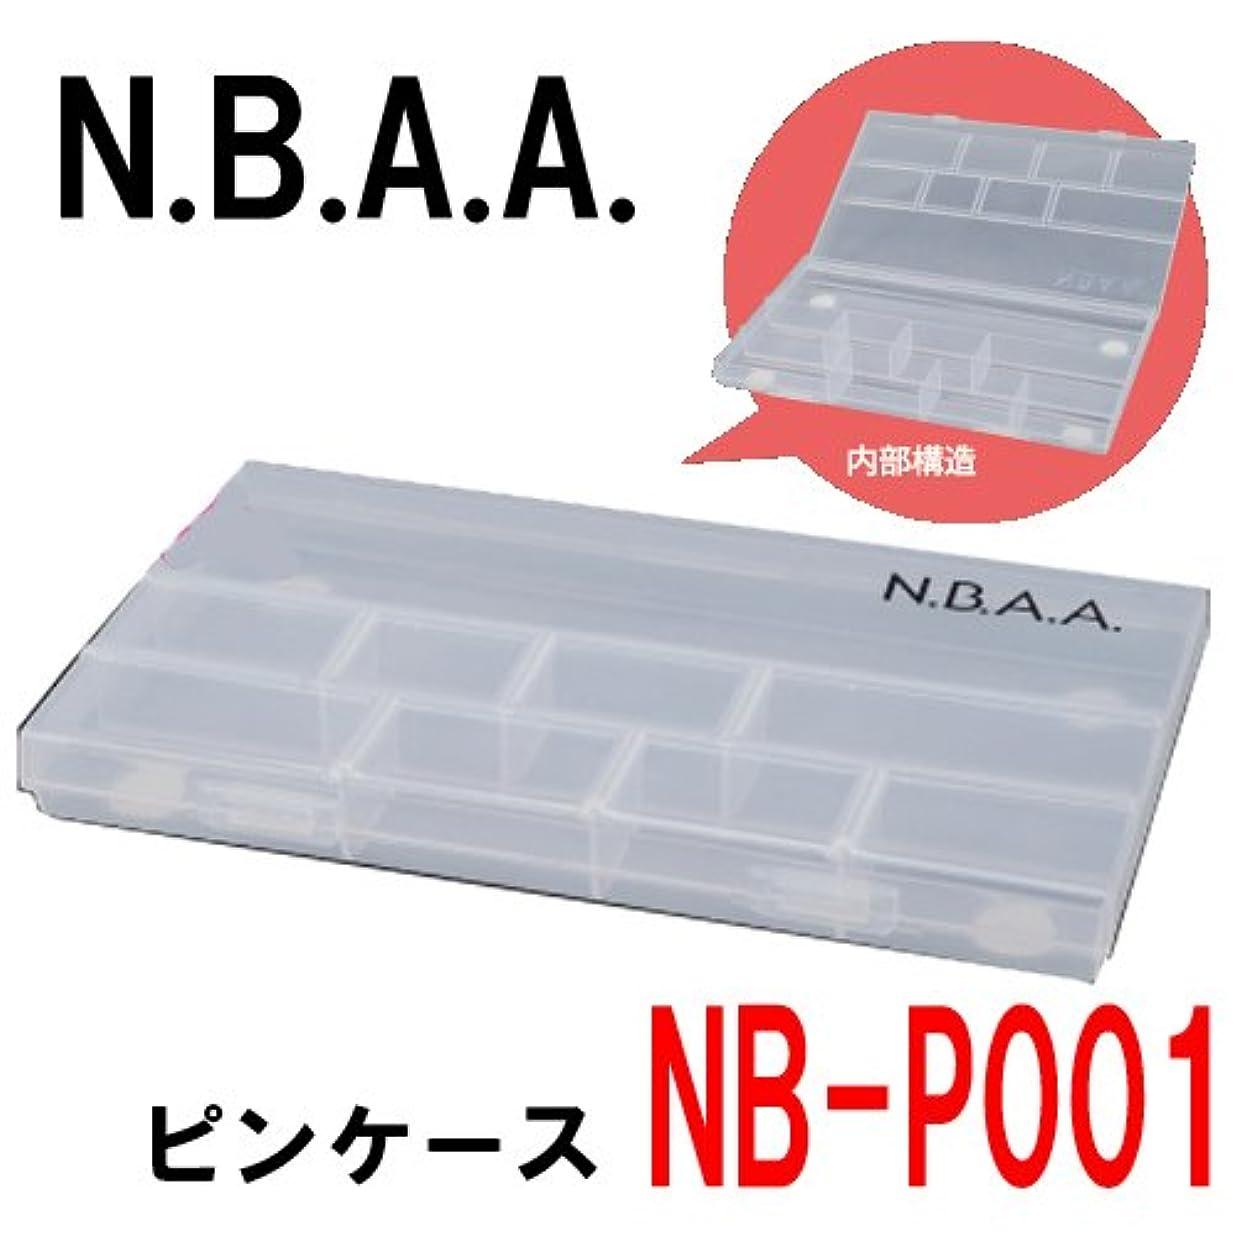 ブレークセットするスケッチN.B.A.A. NB-P001 ピンケース